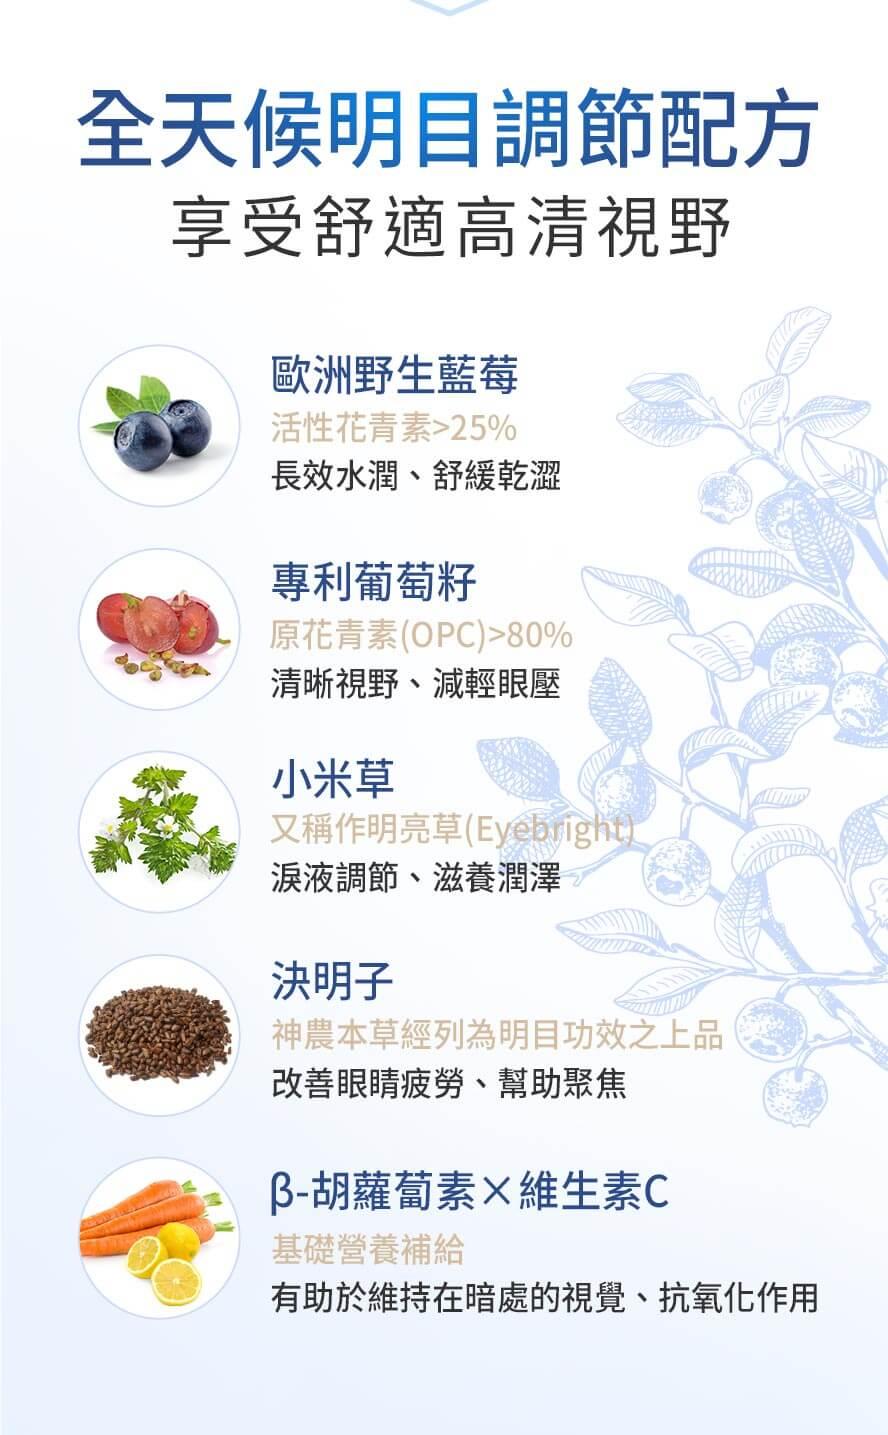 BHK's 藍莓山桑子 植物膠囊